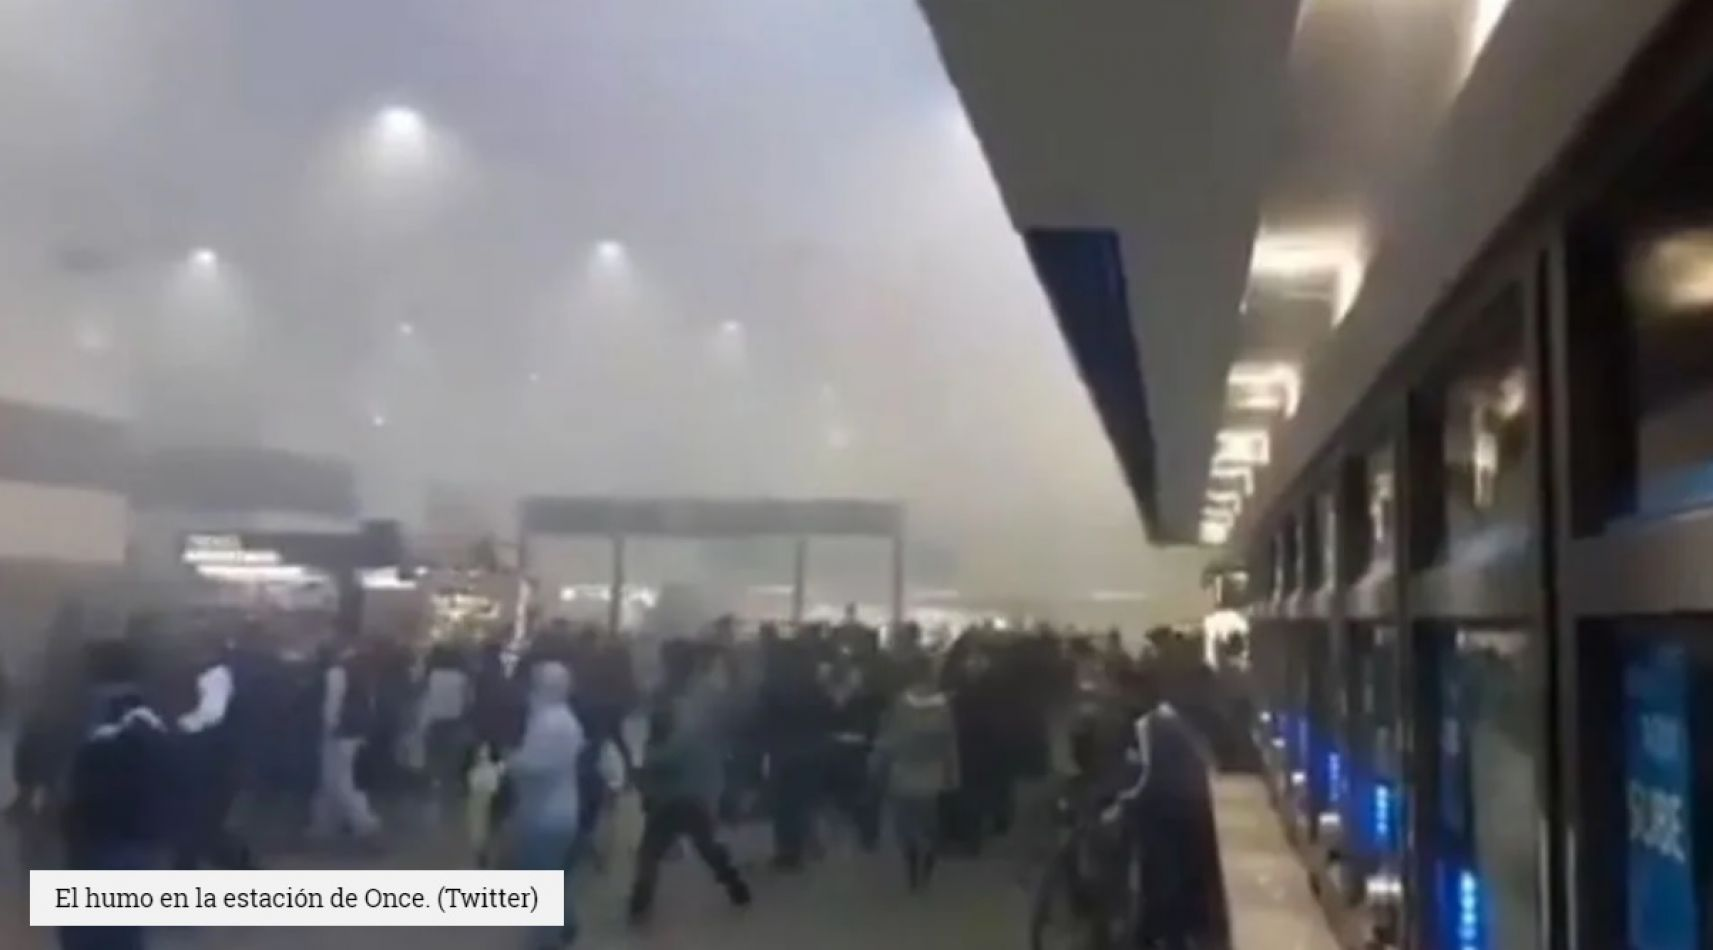 Alarma en estación de Once del tren Sarmiento por nube de humo